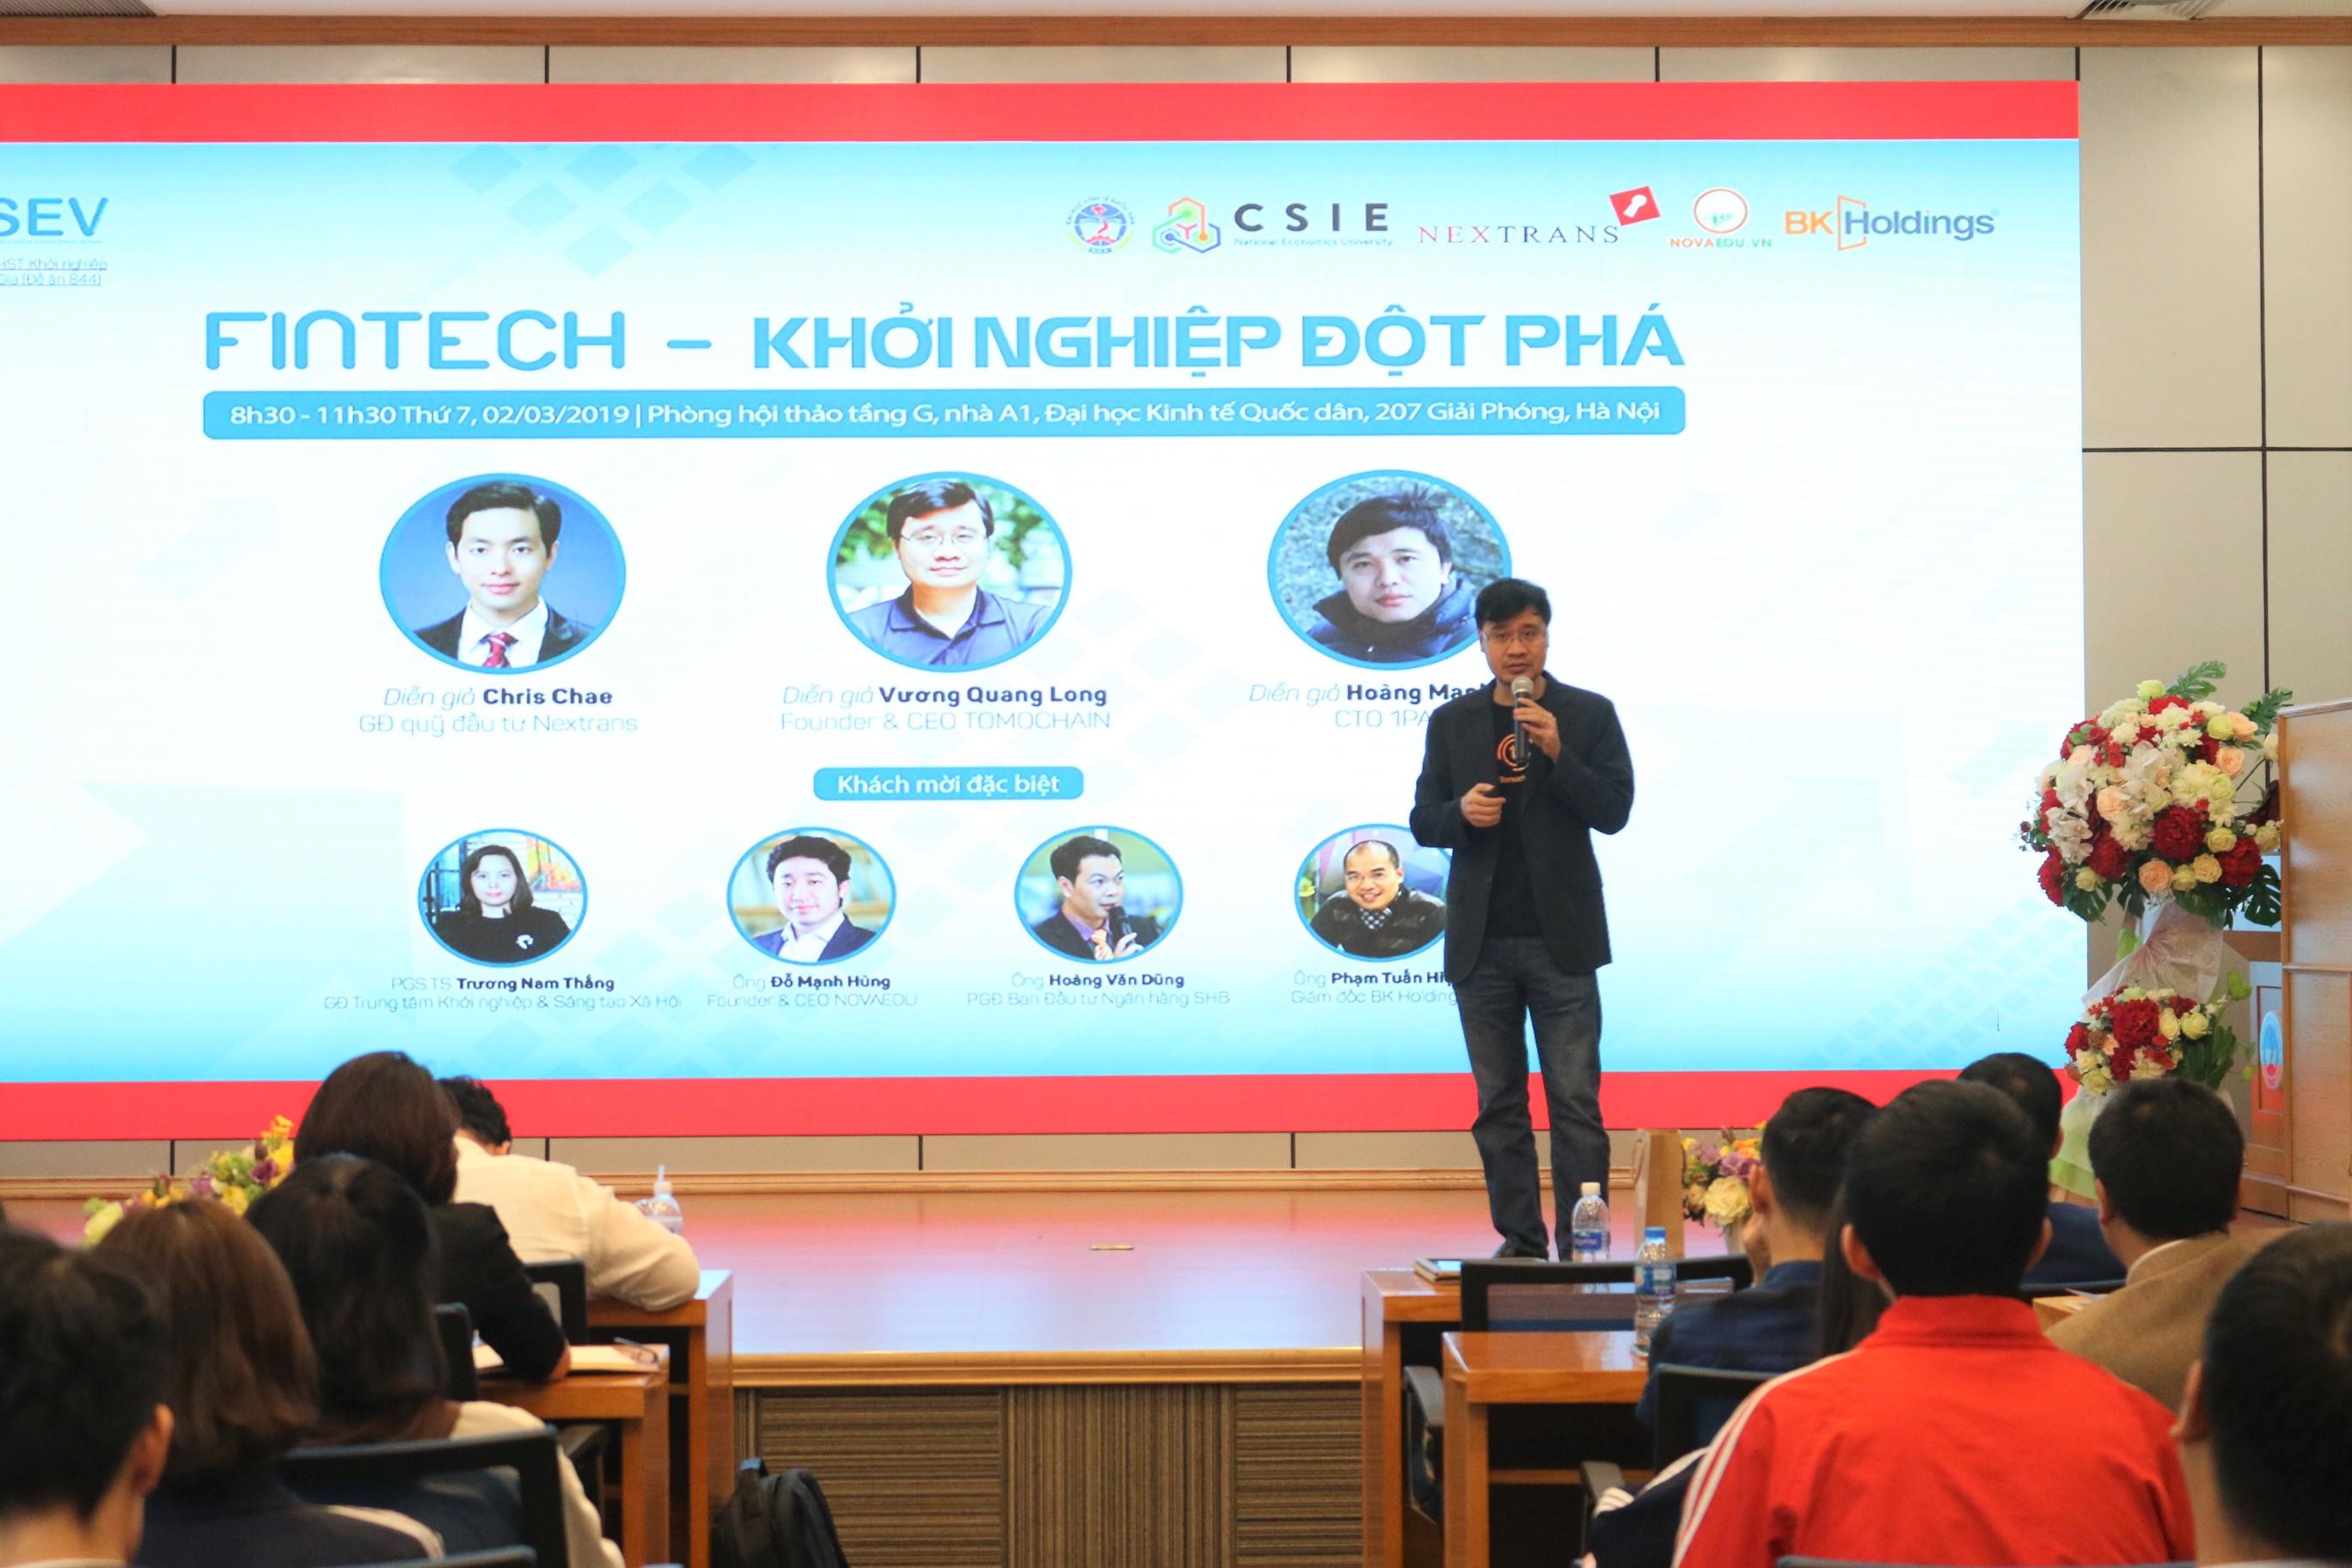 Diễn giả Vương Quang Long - Founder & CEO Tomochain.